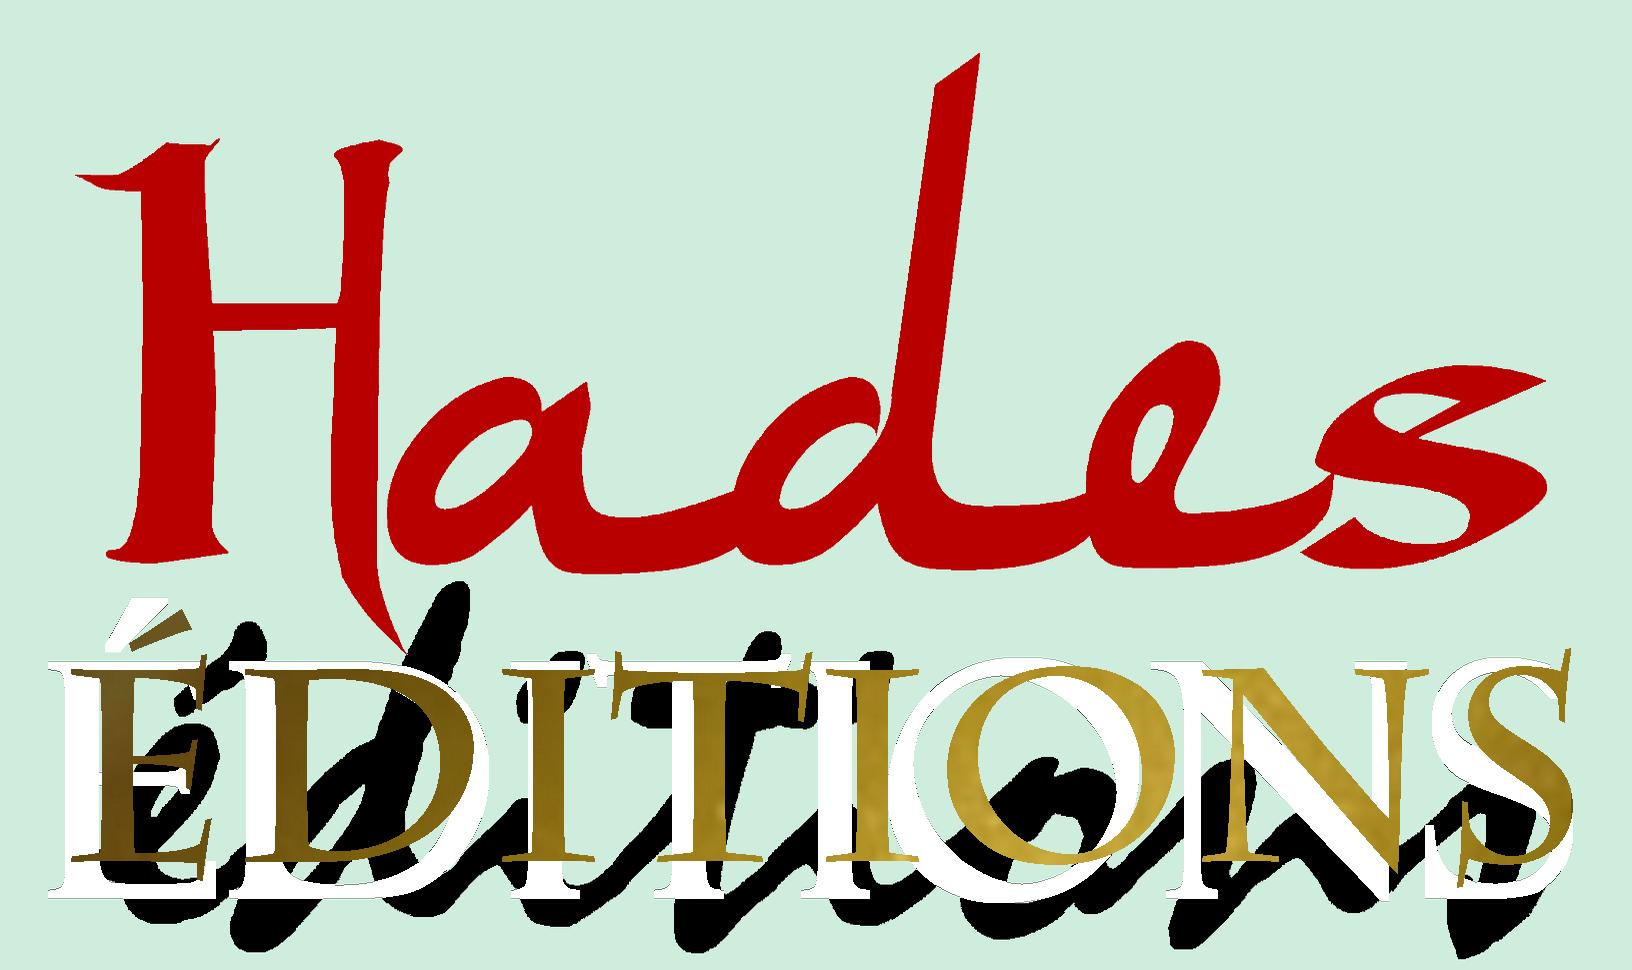 NOUVEAU_NO_logo_hades_OR